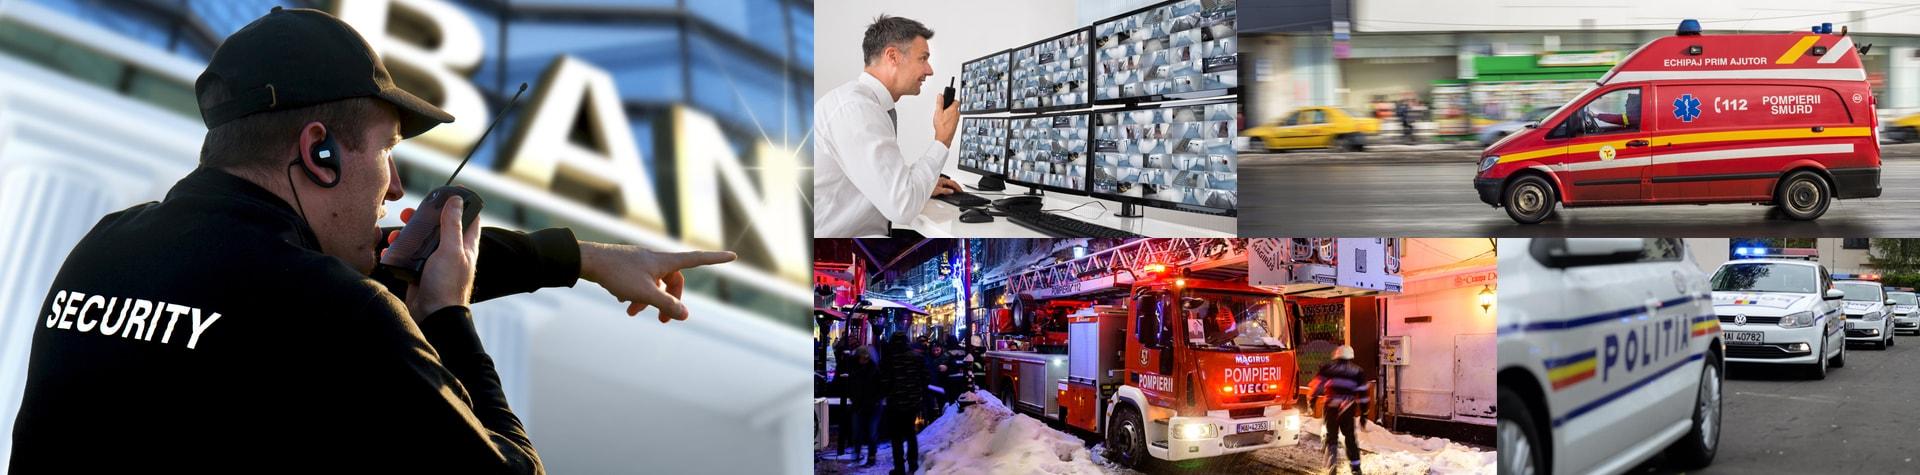 Monitorizare auto prin GPS - servicii de urgență & companii de securitate/ transport valori | evogps.ro